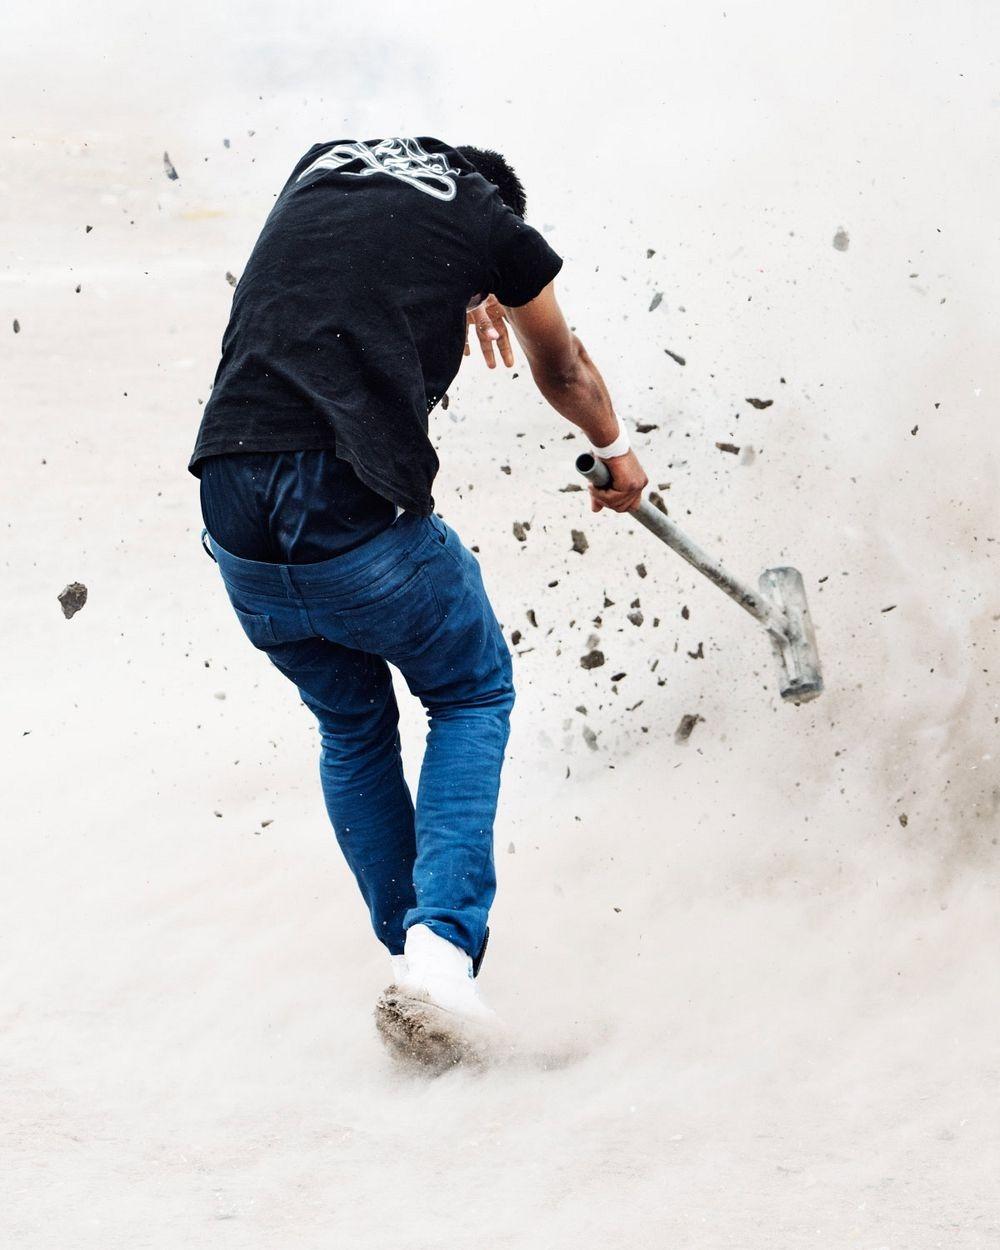 sledgehammer-explosion-4